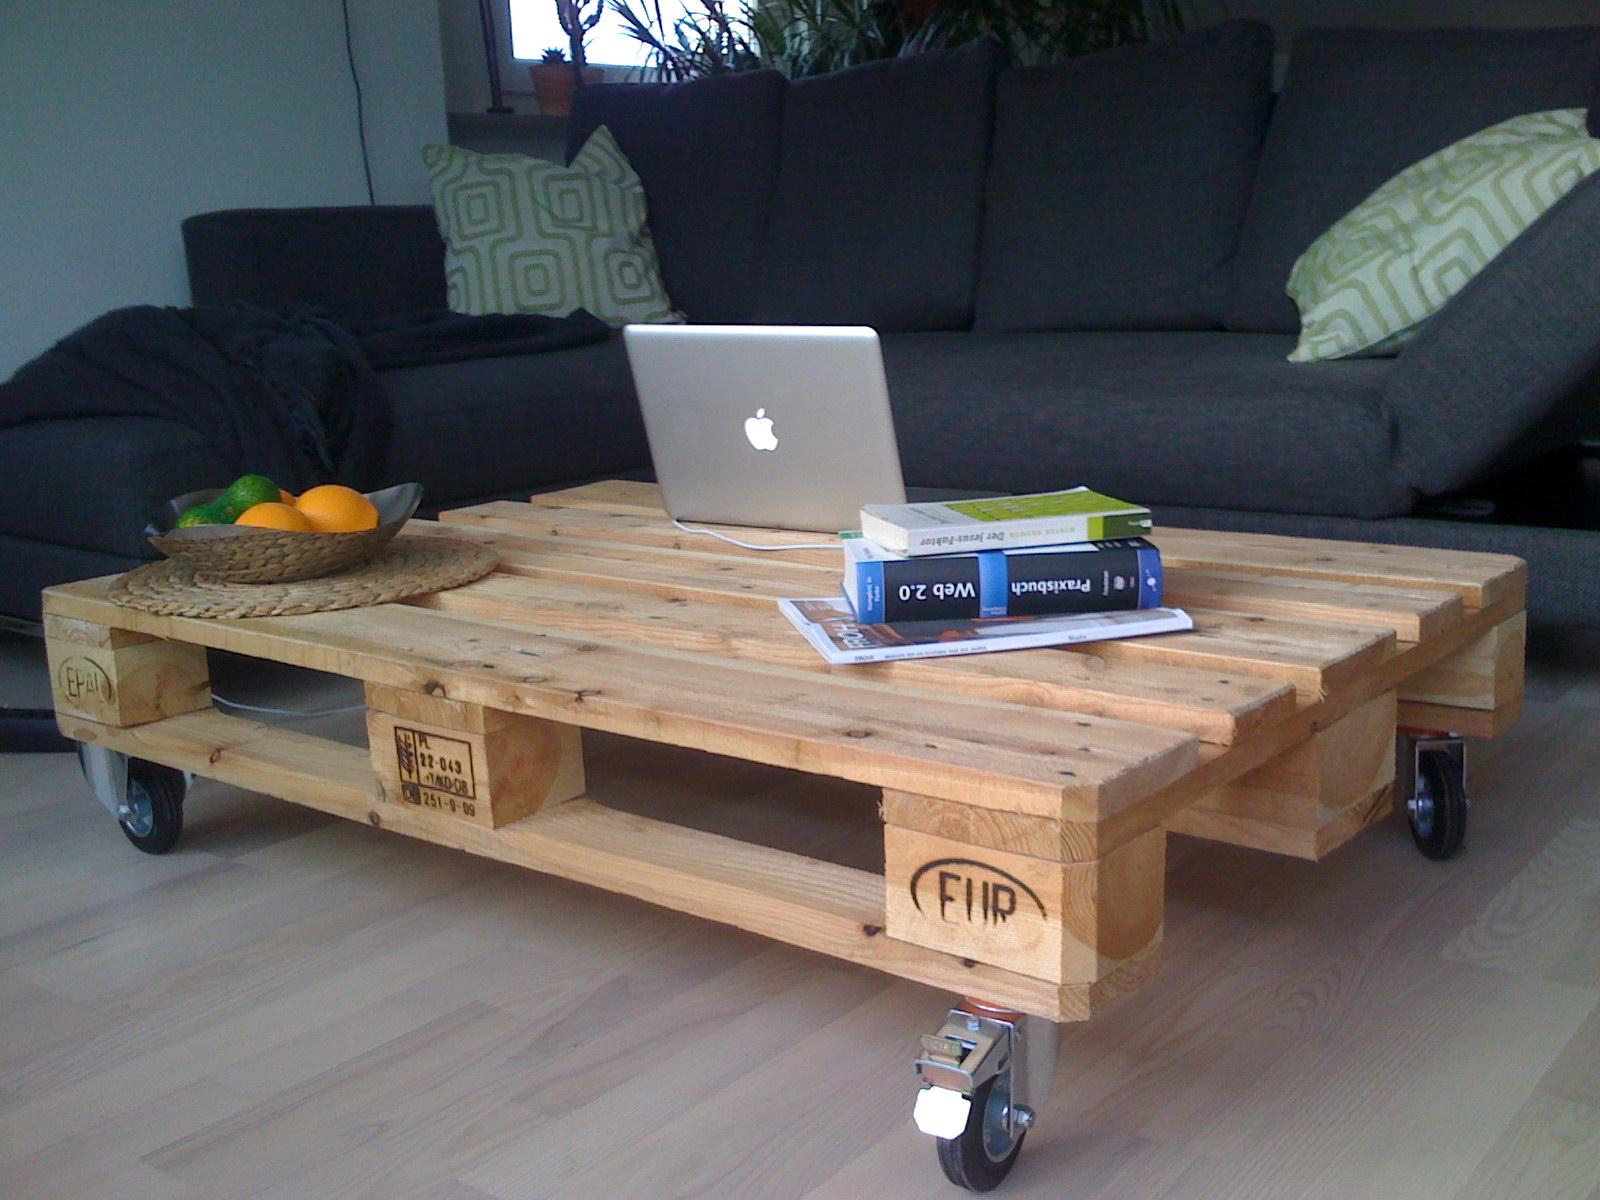 decorando y renovando decorando con estilo industrial. Black Bedroom Furniture Sets. Home Design Ideas